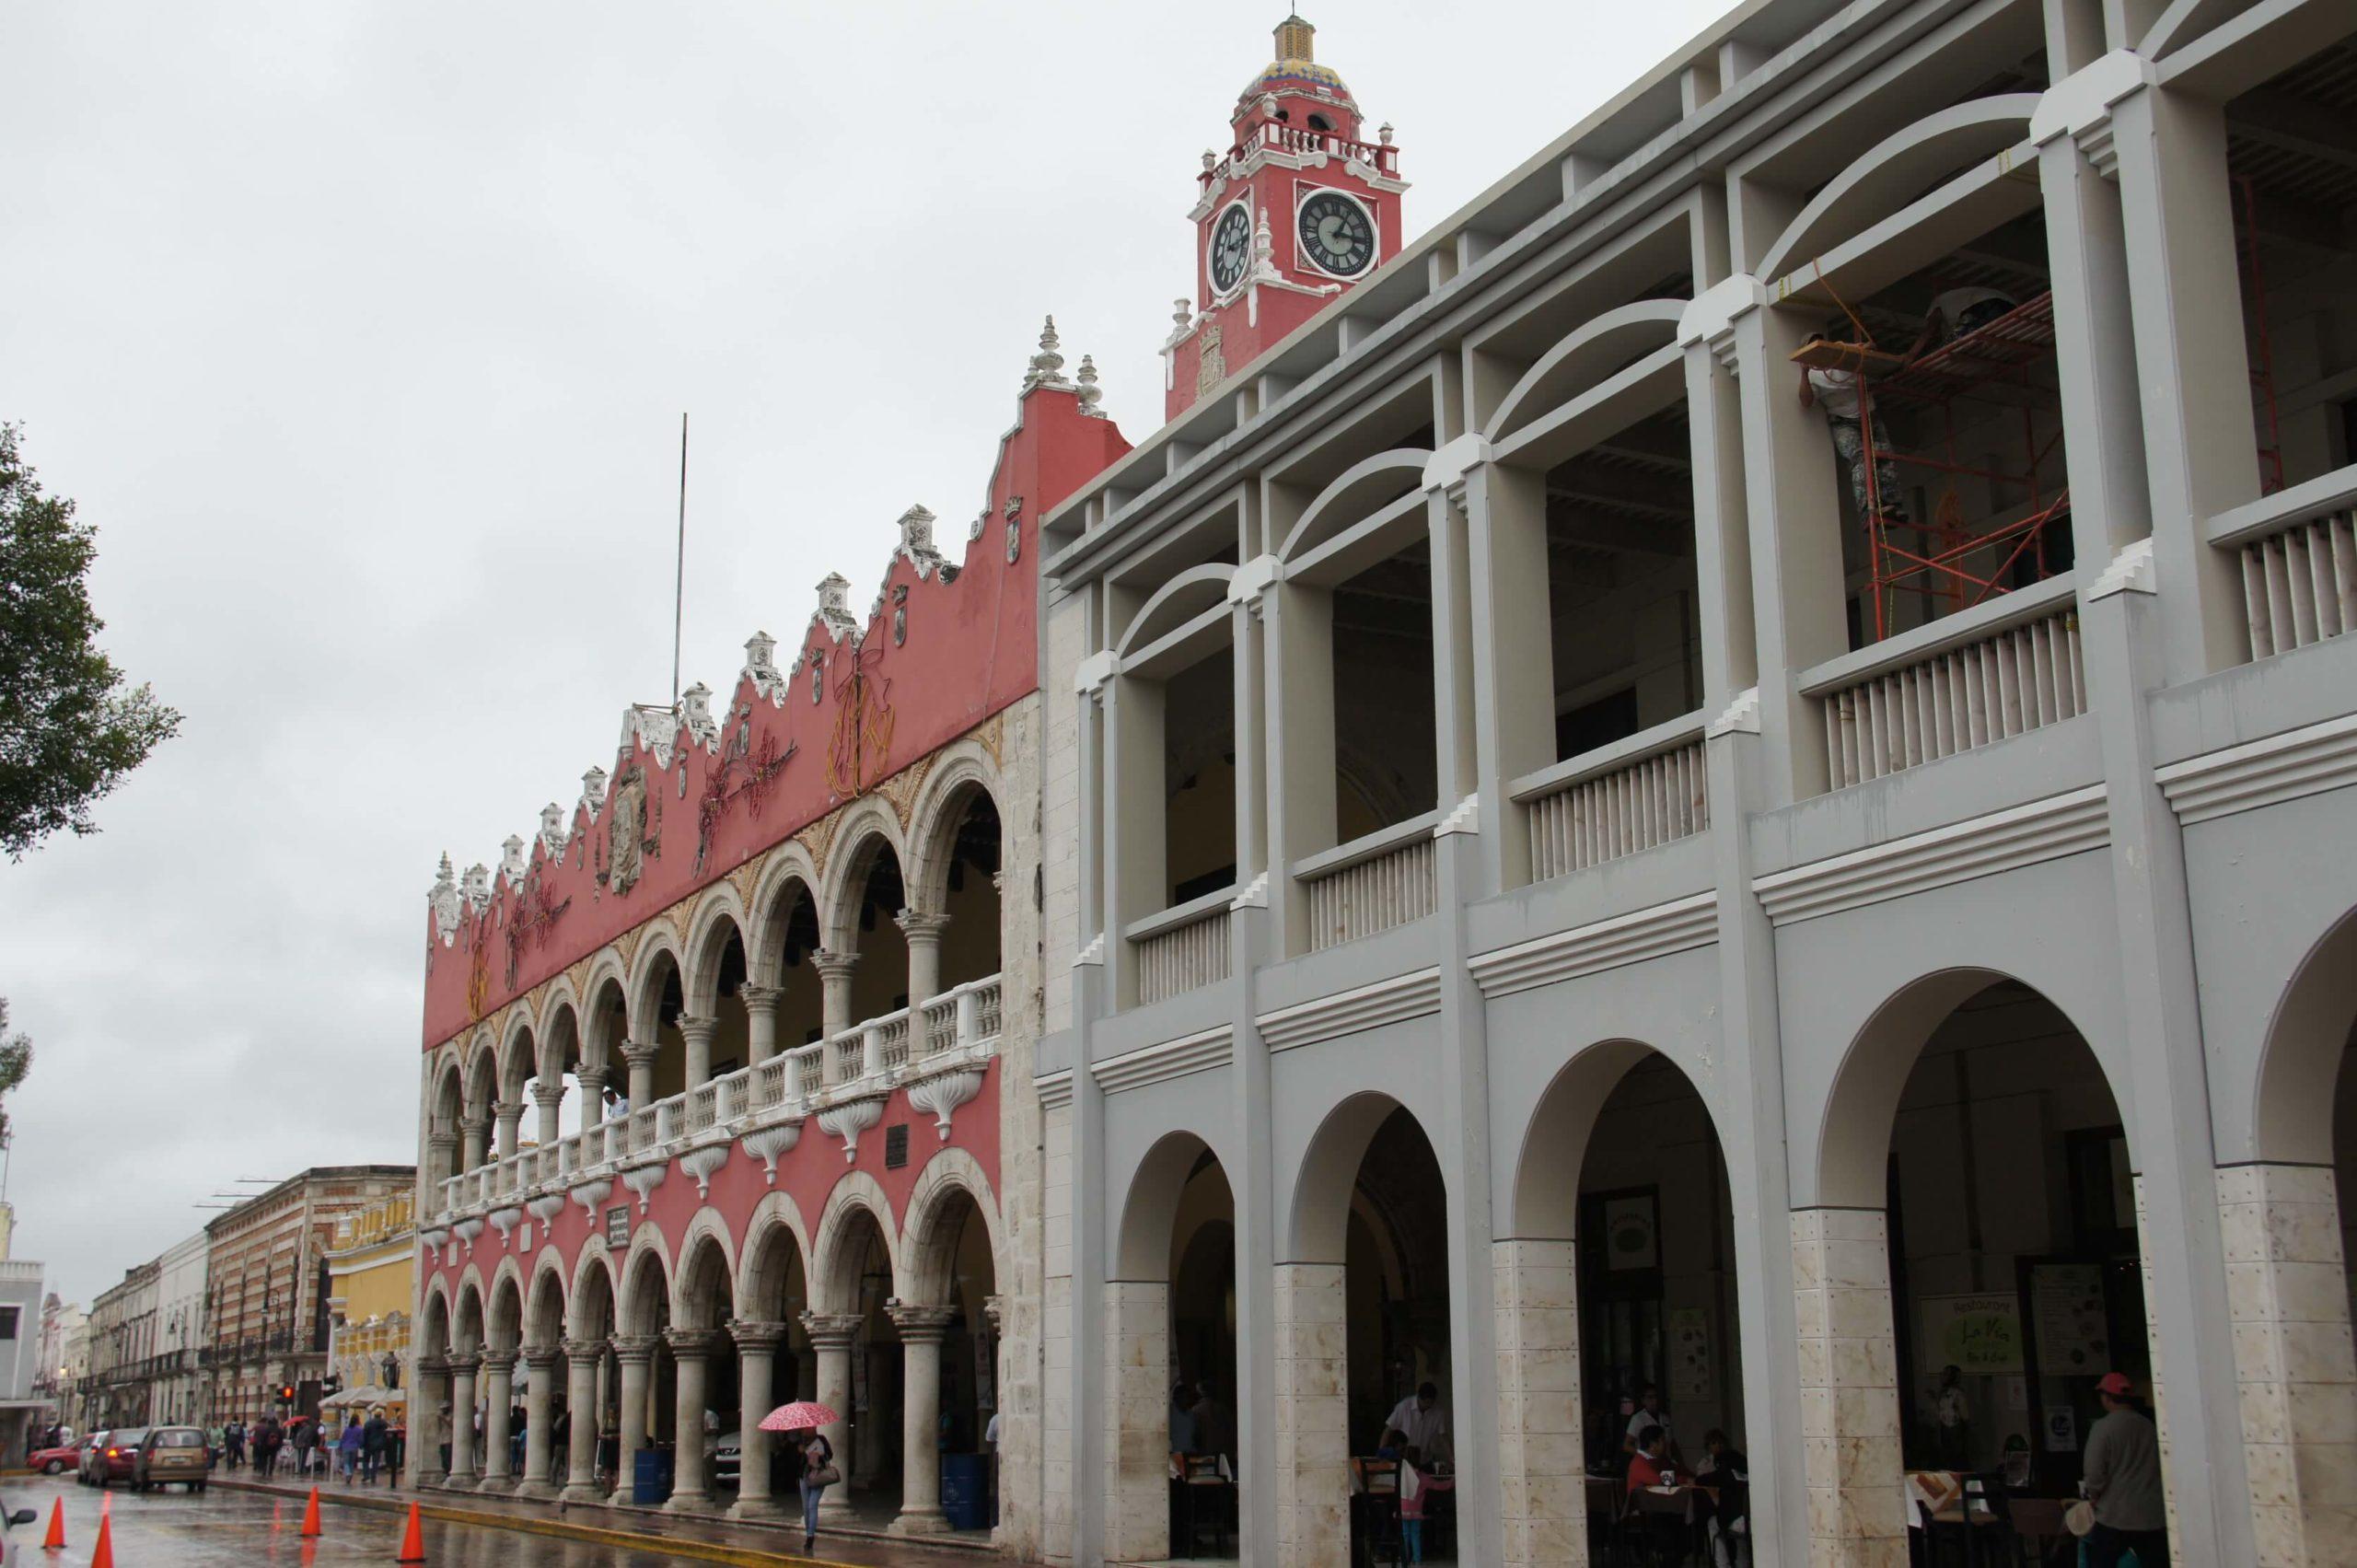 Merida – Mexico